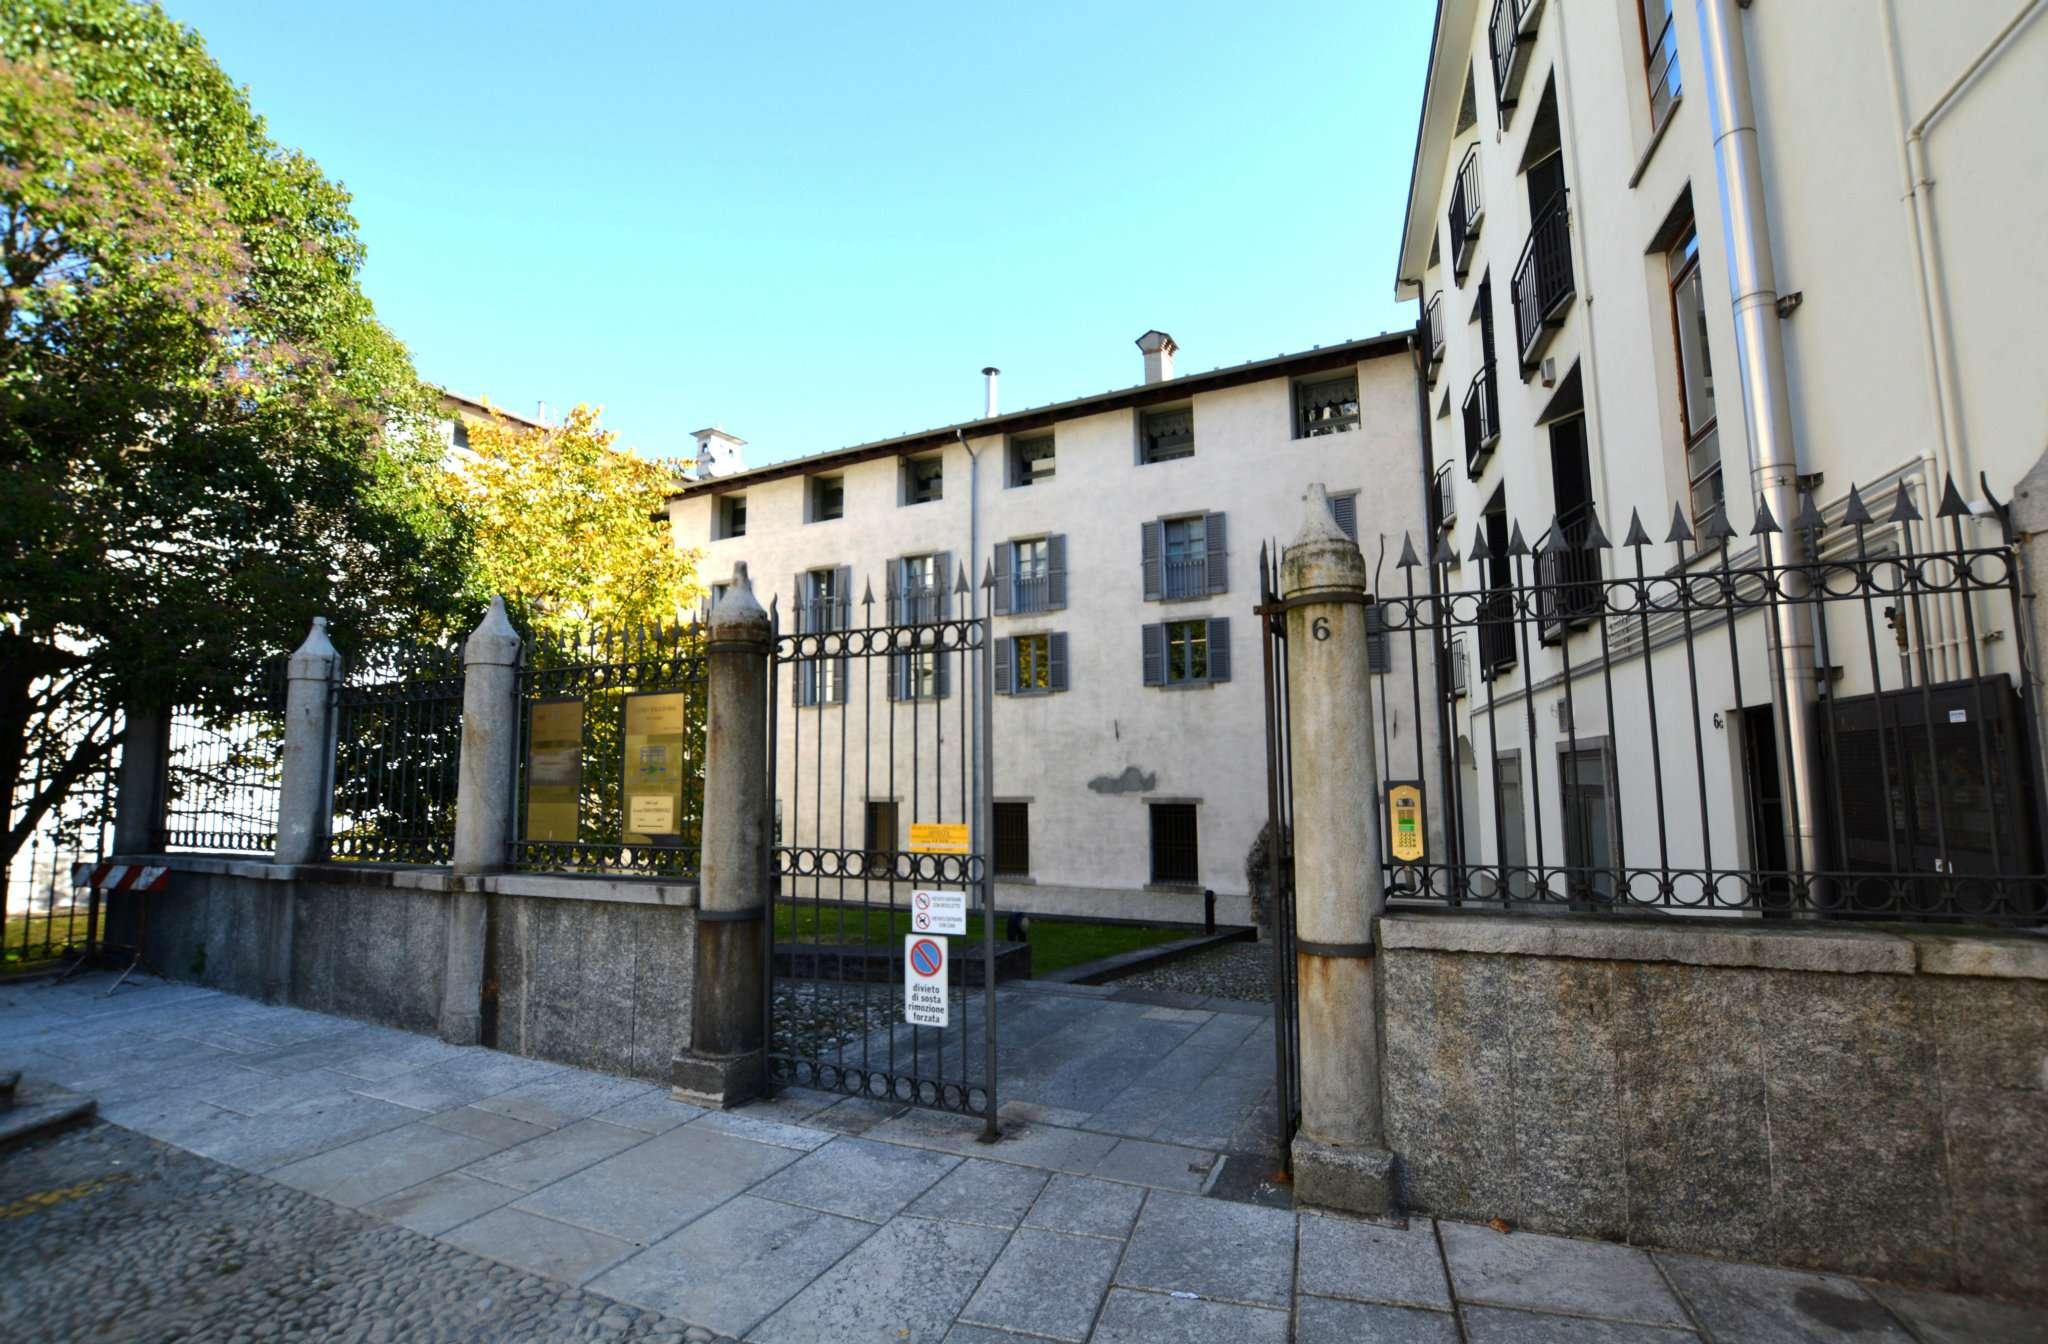 Negozio / Locale in vendita a Morbegno, 2 locali, Trattative riservate | CambioCasa.it